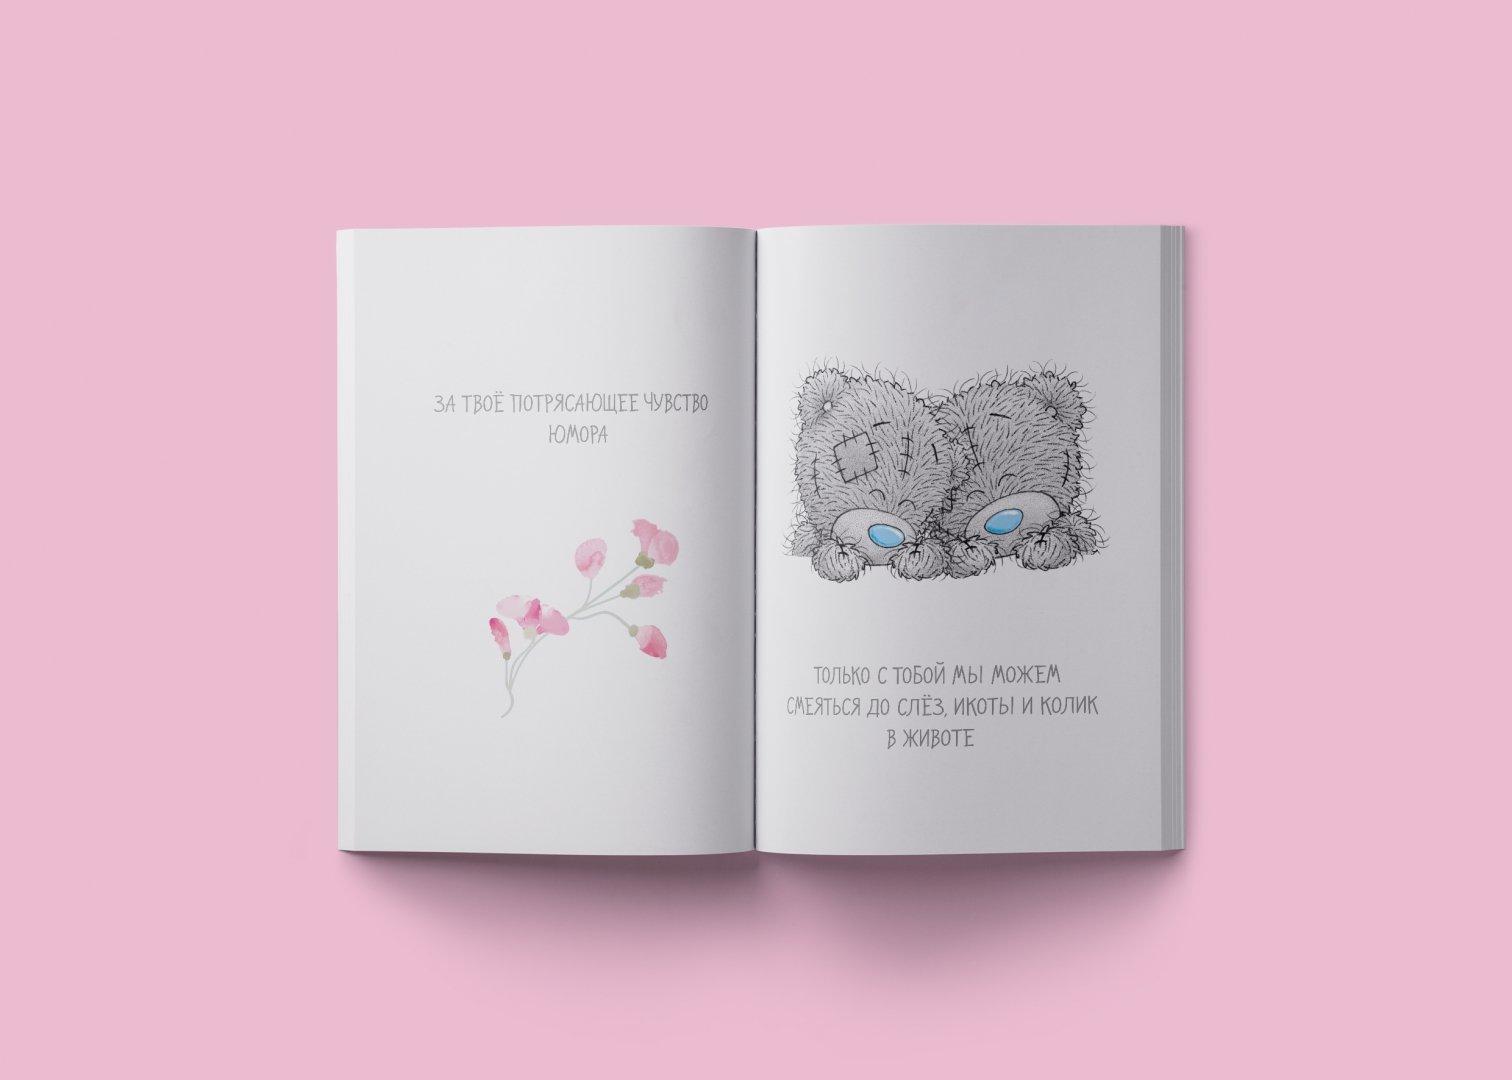 Как можно подписать открытку с днем рождения подруге